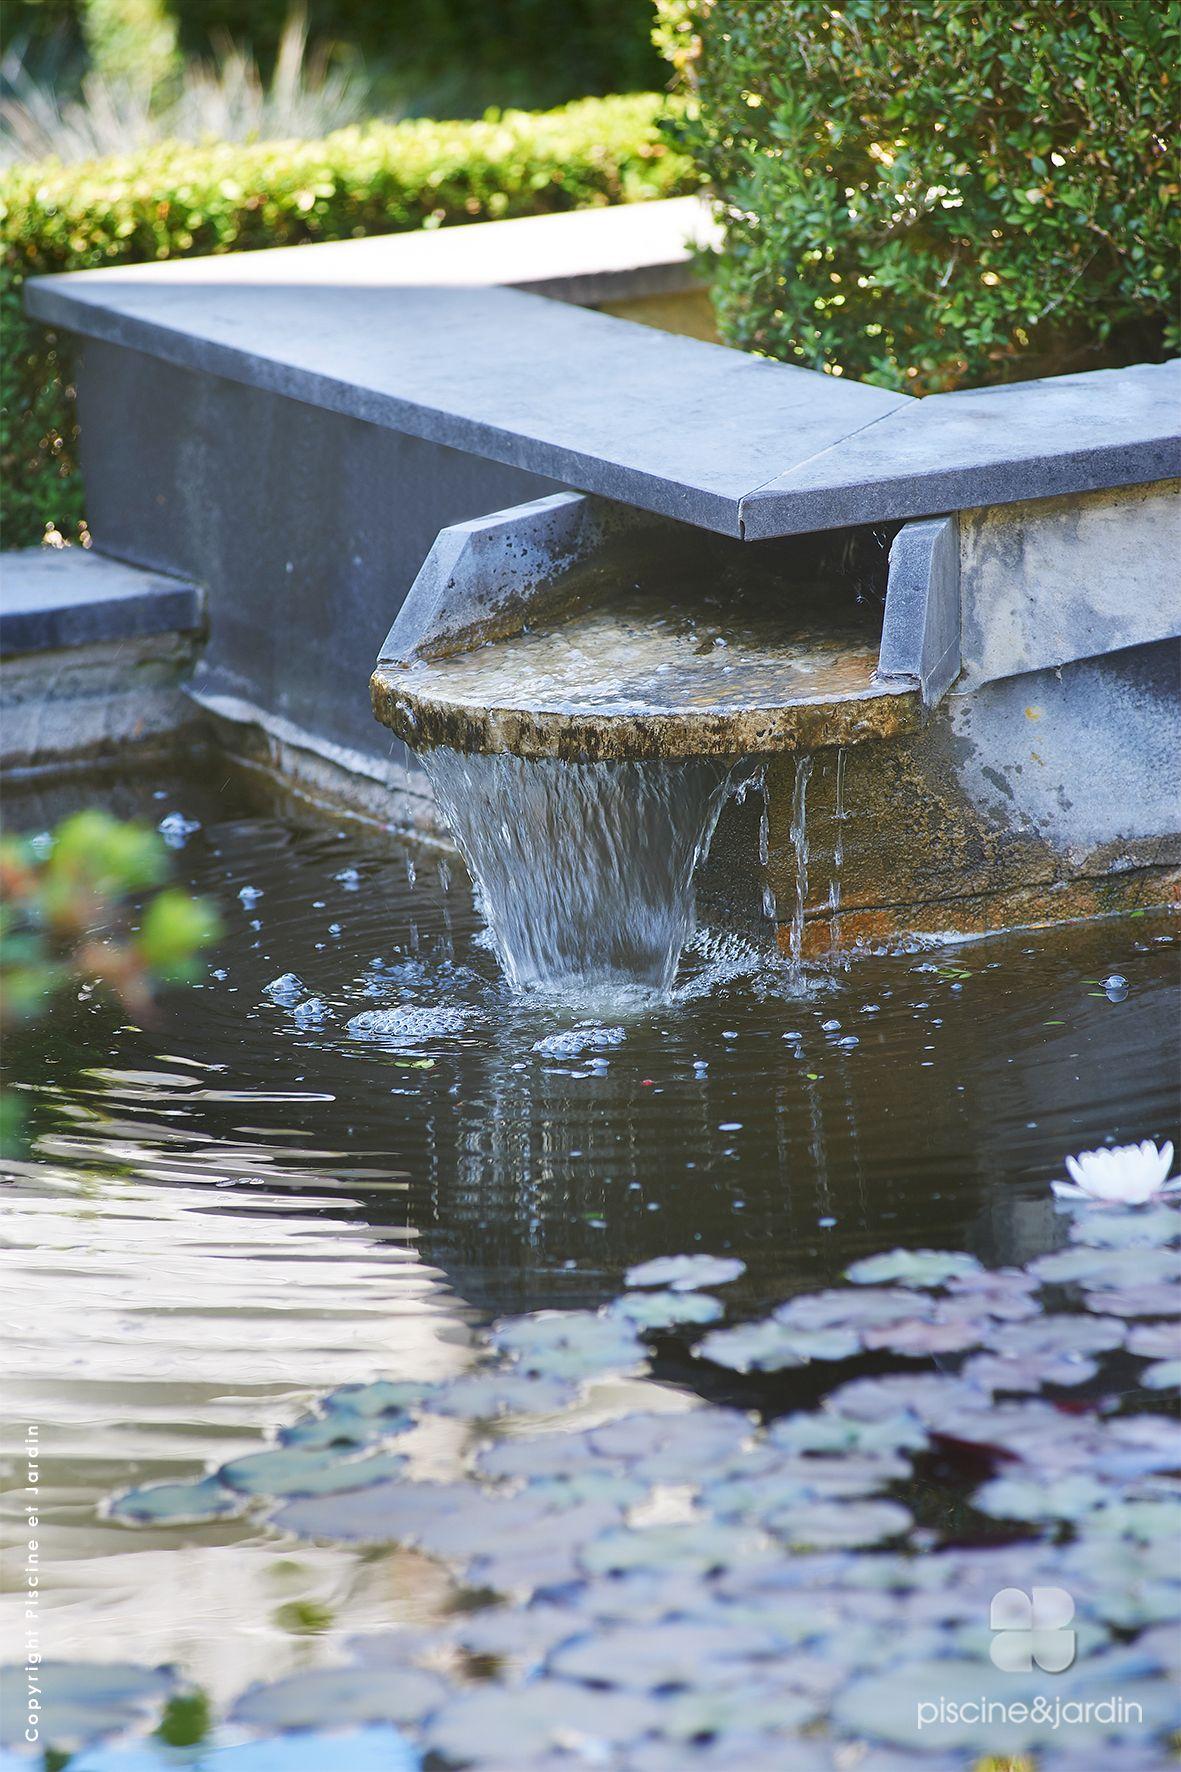 Construire Son Bassin De Jardin vous souhaitez faire construire un bassin dans votre jardin